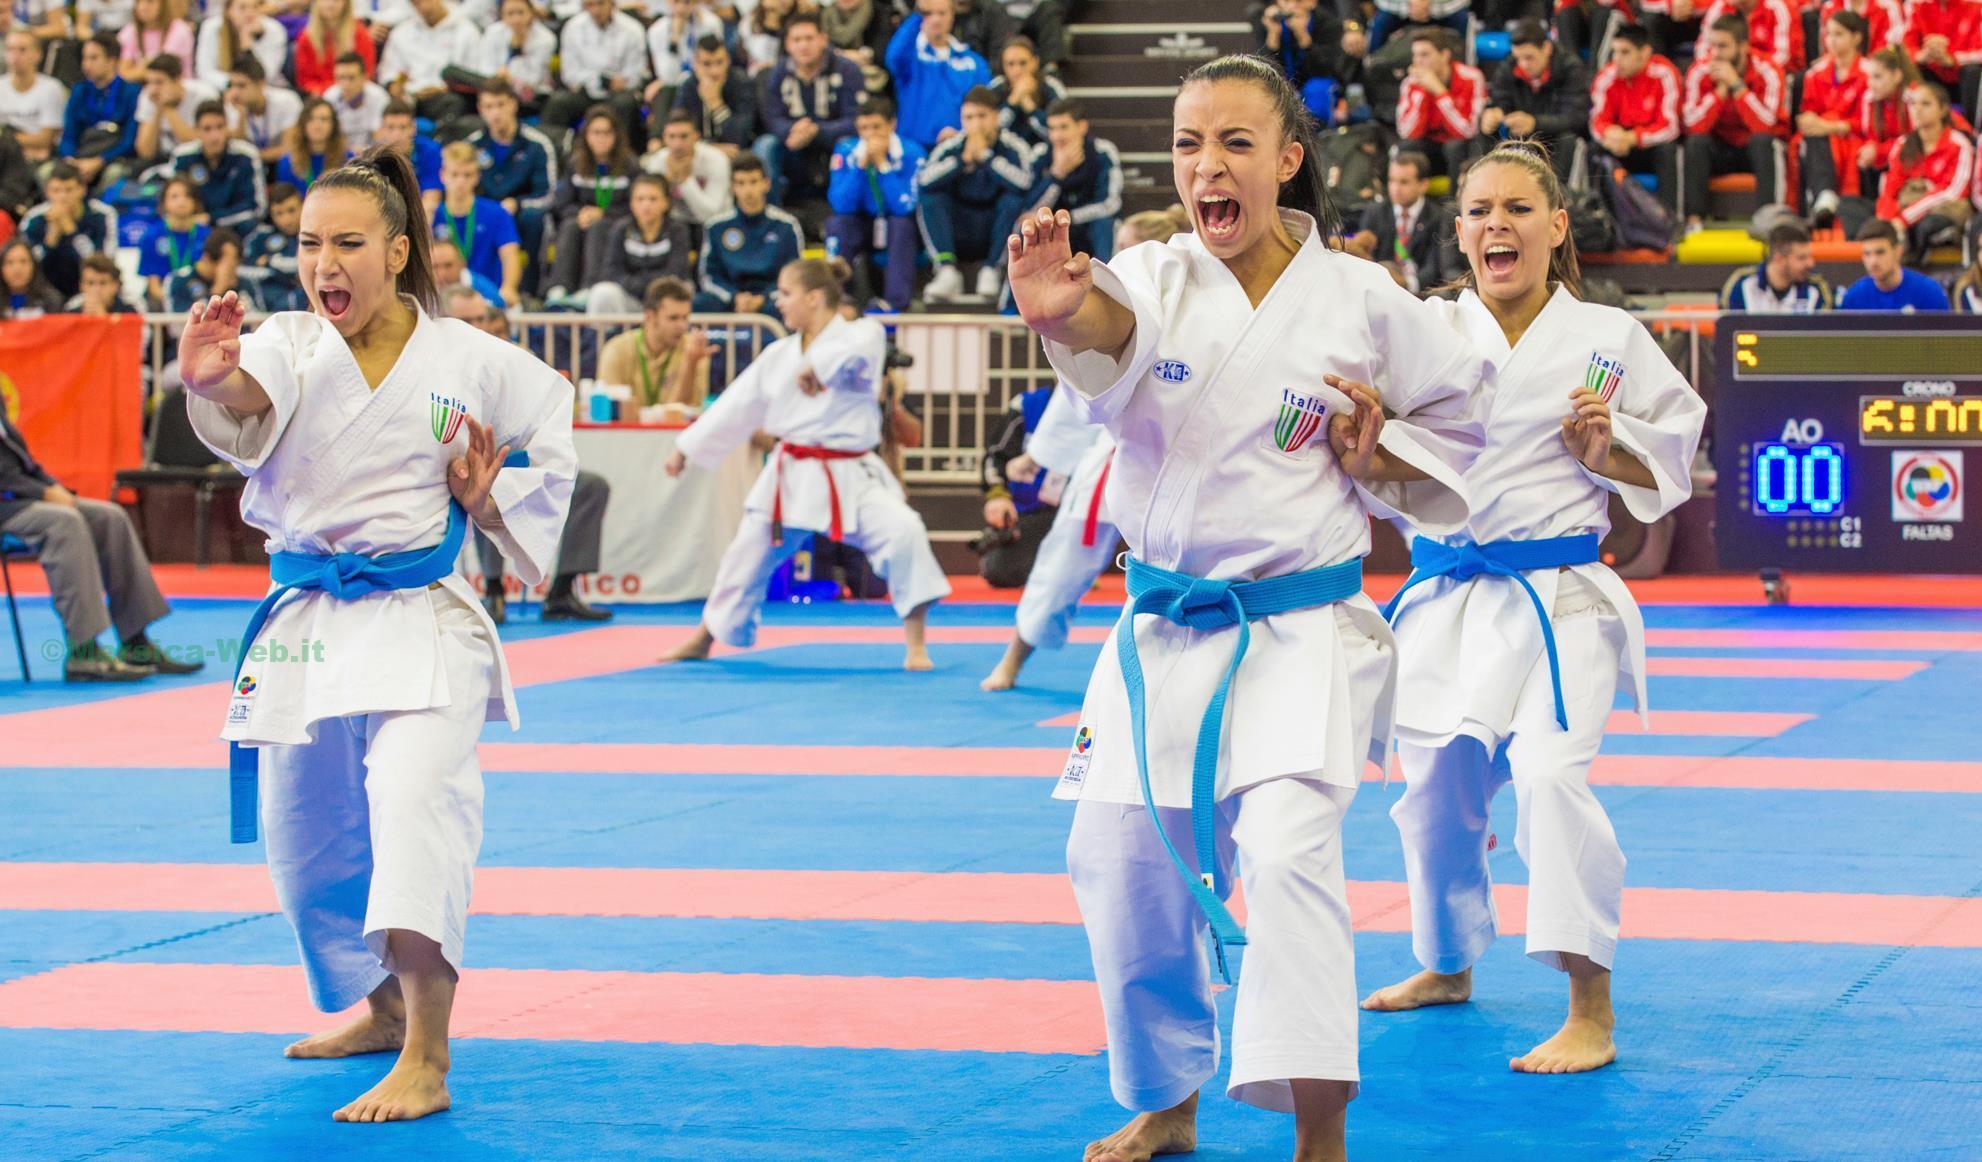 sito di incontri di karate siti di incontri Ebbw vale